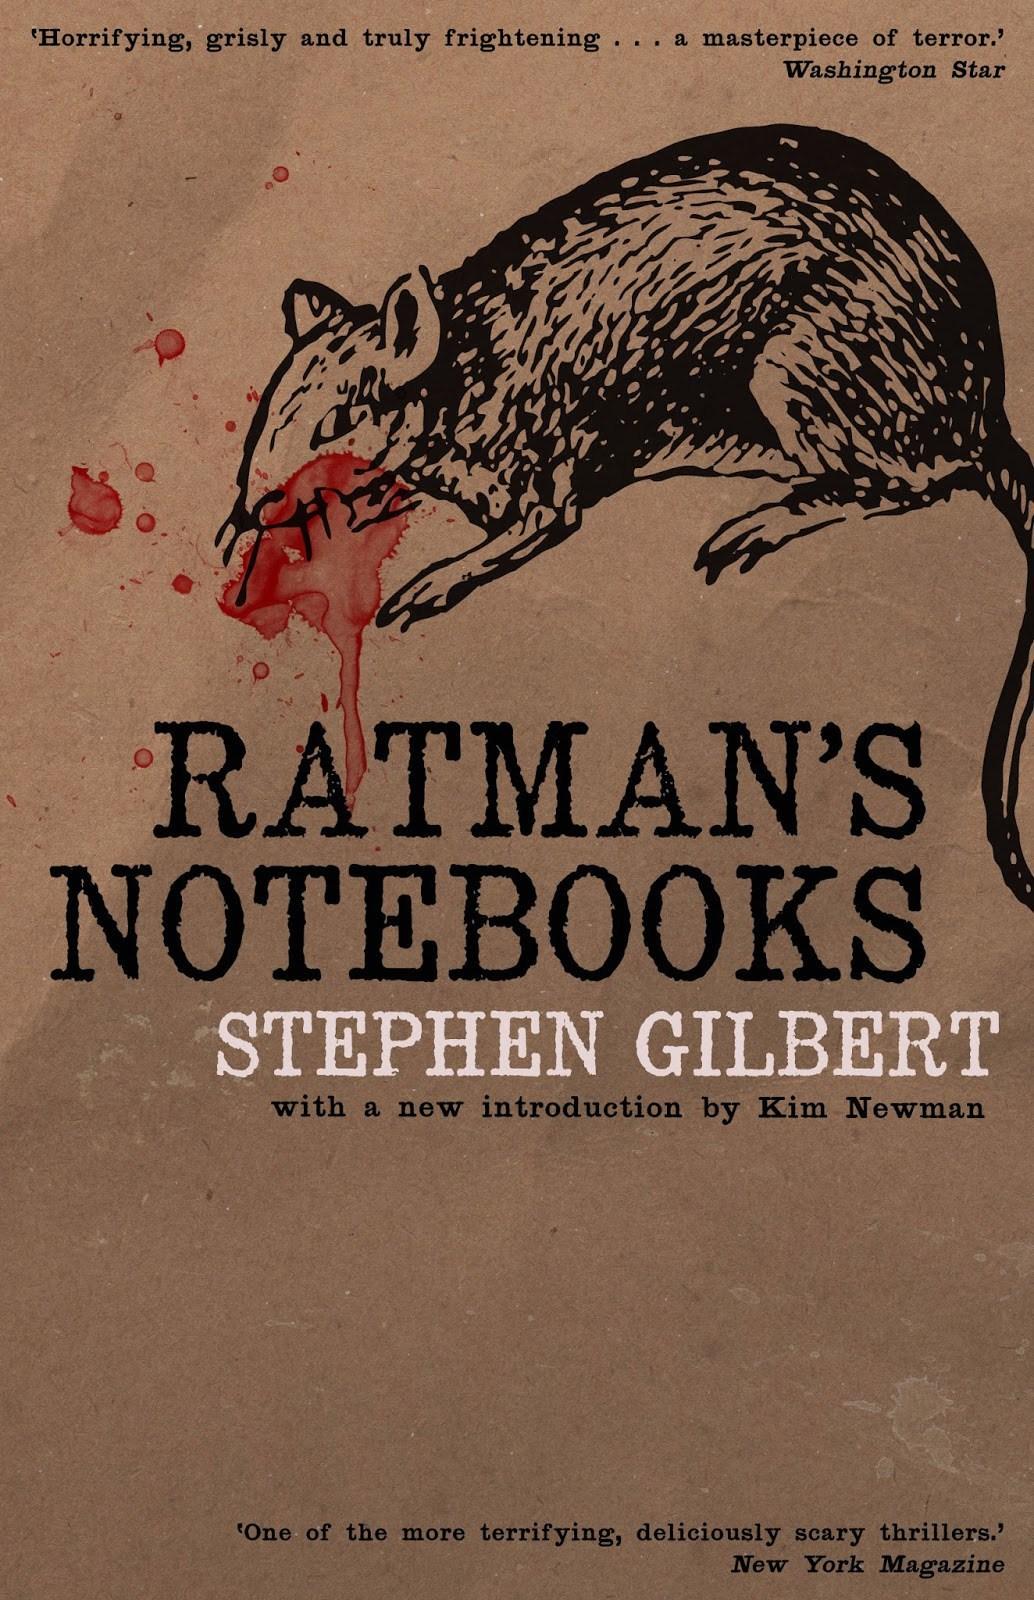 https://static.tvtropes.org/pmwiki/pub/images/ratmans_notebook_f.jpg